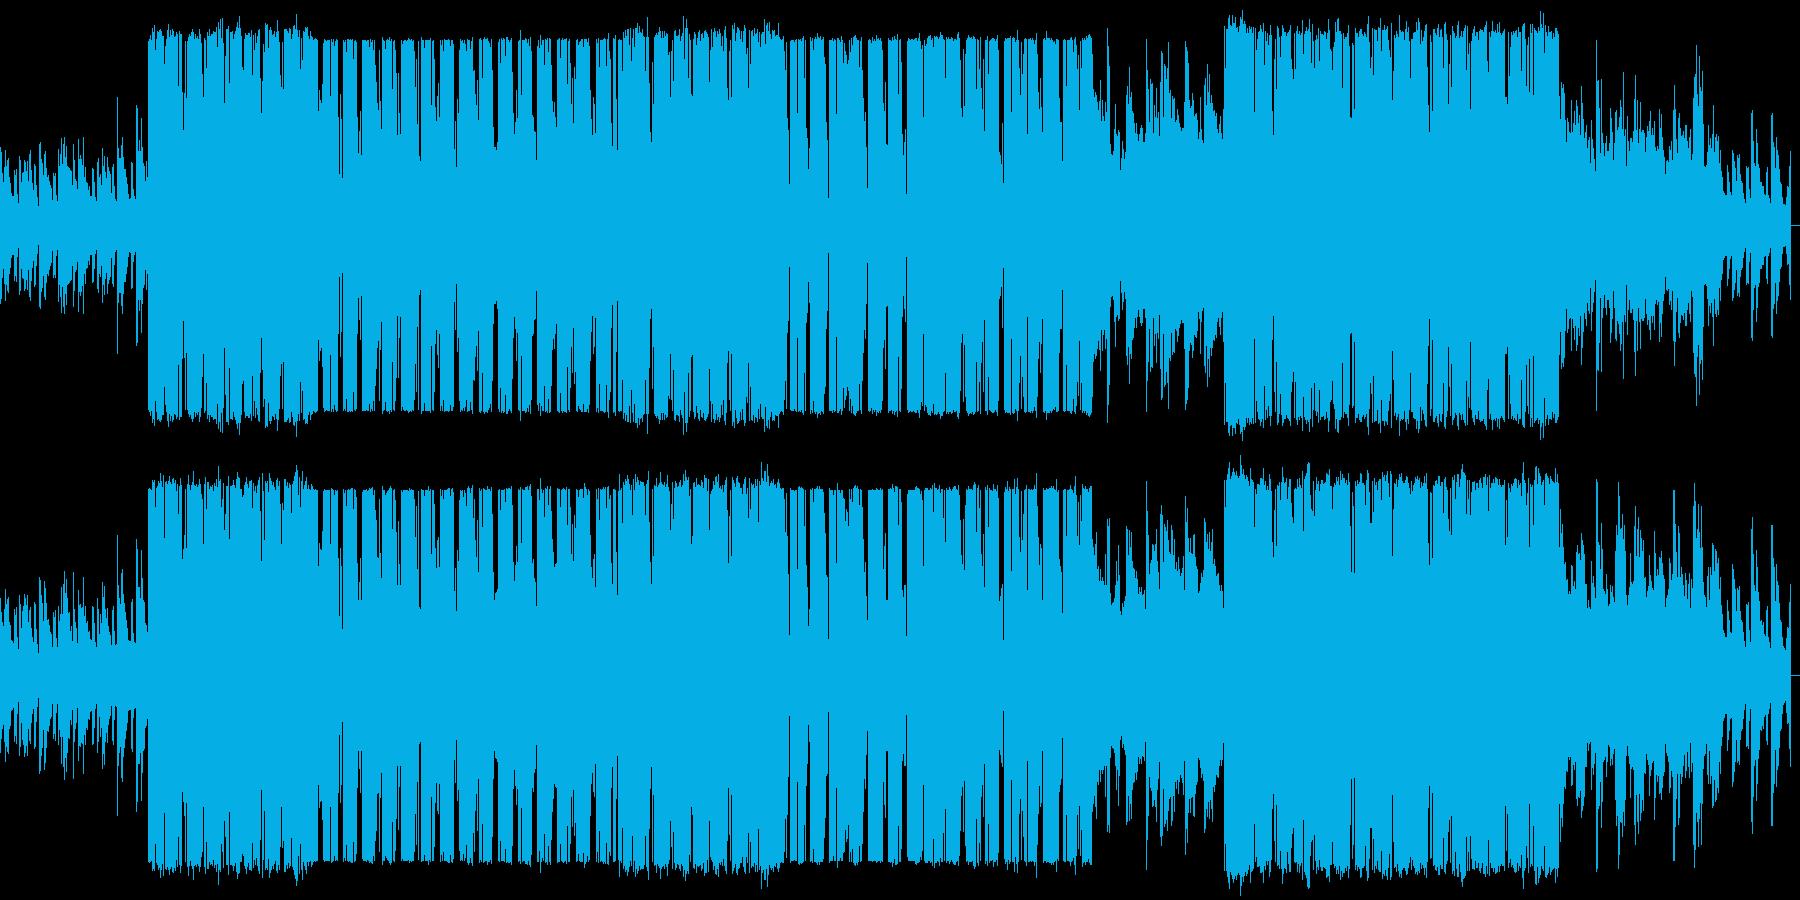 アコギとストリングスが印象的なラブソングの再生済みの波形